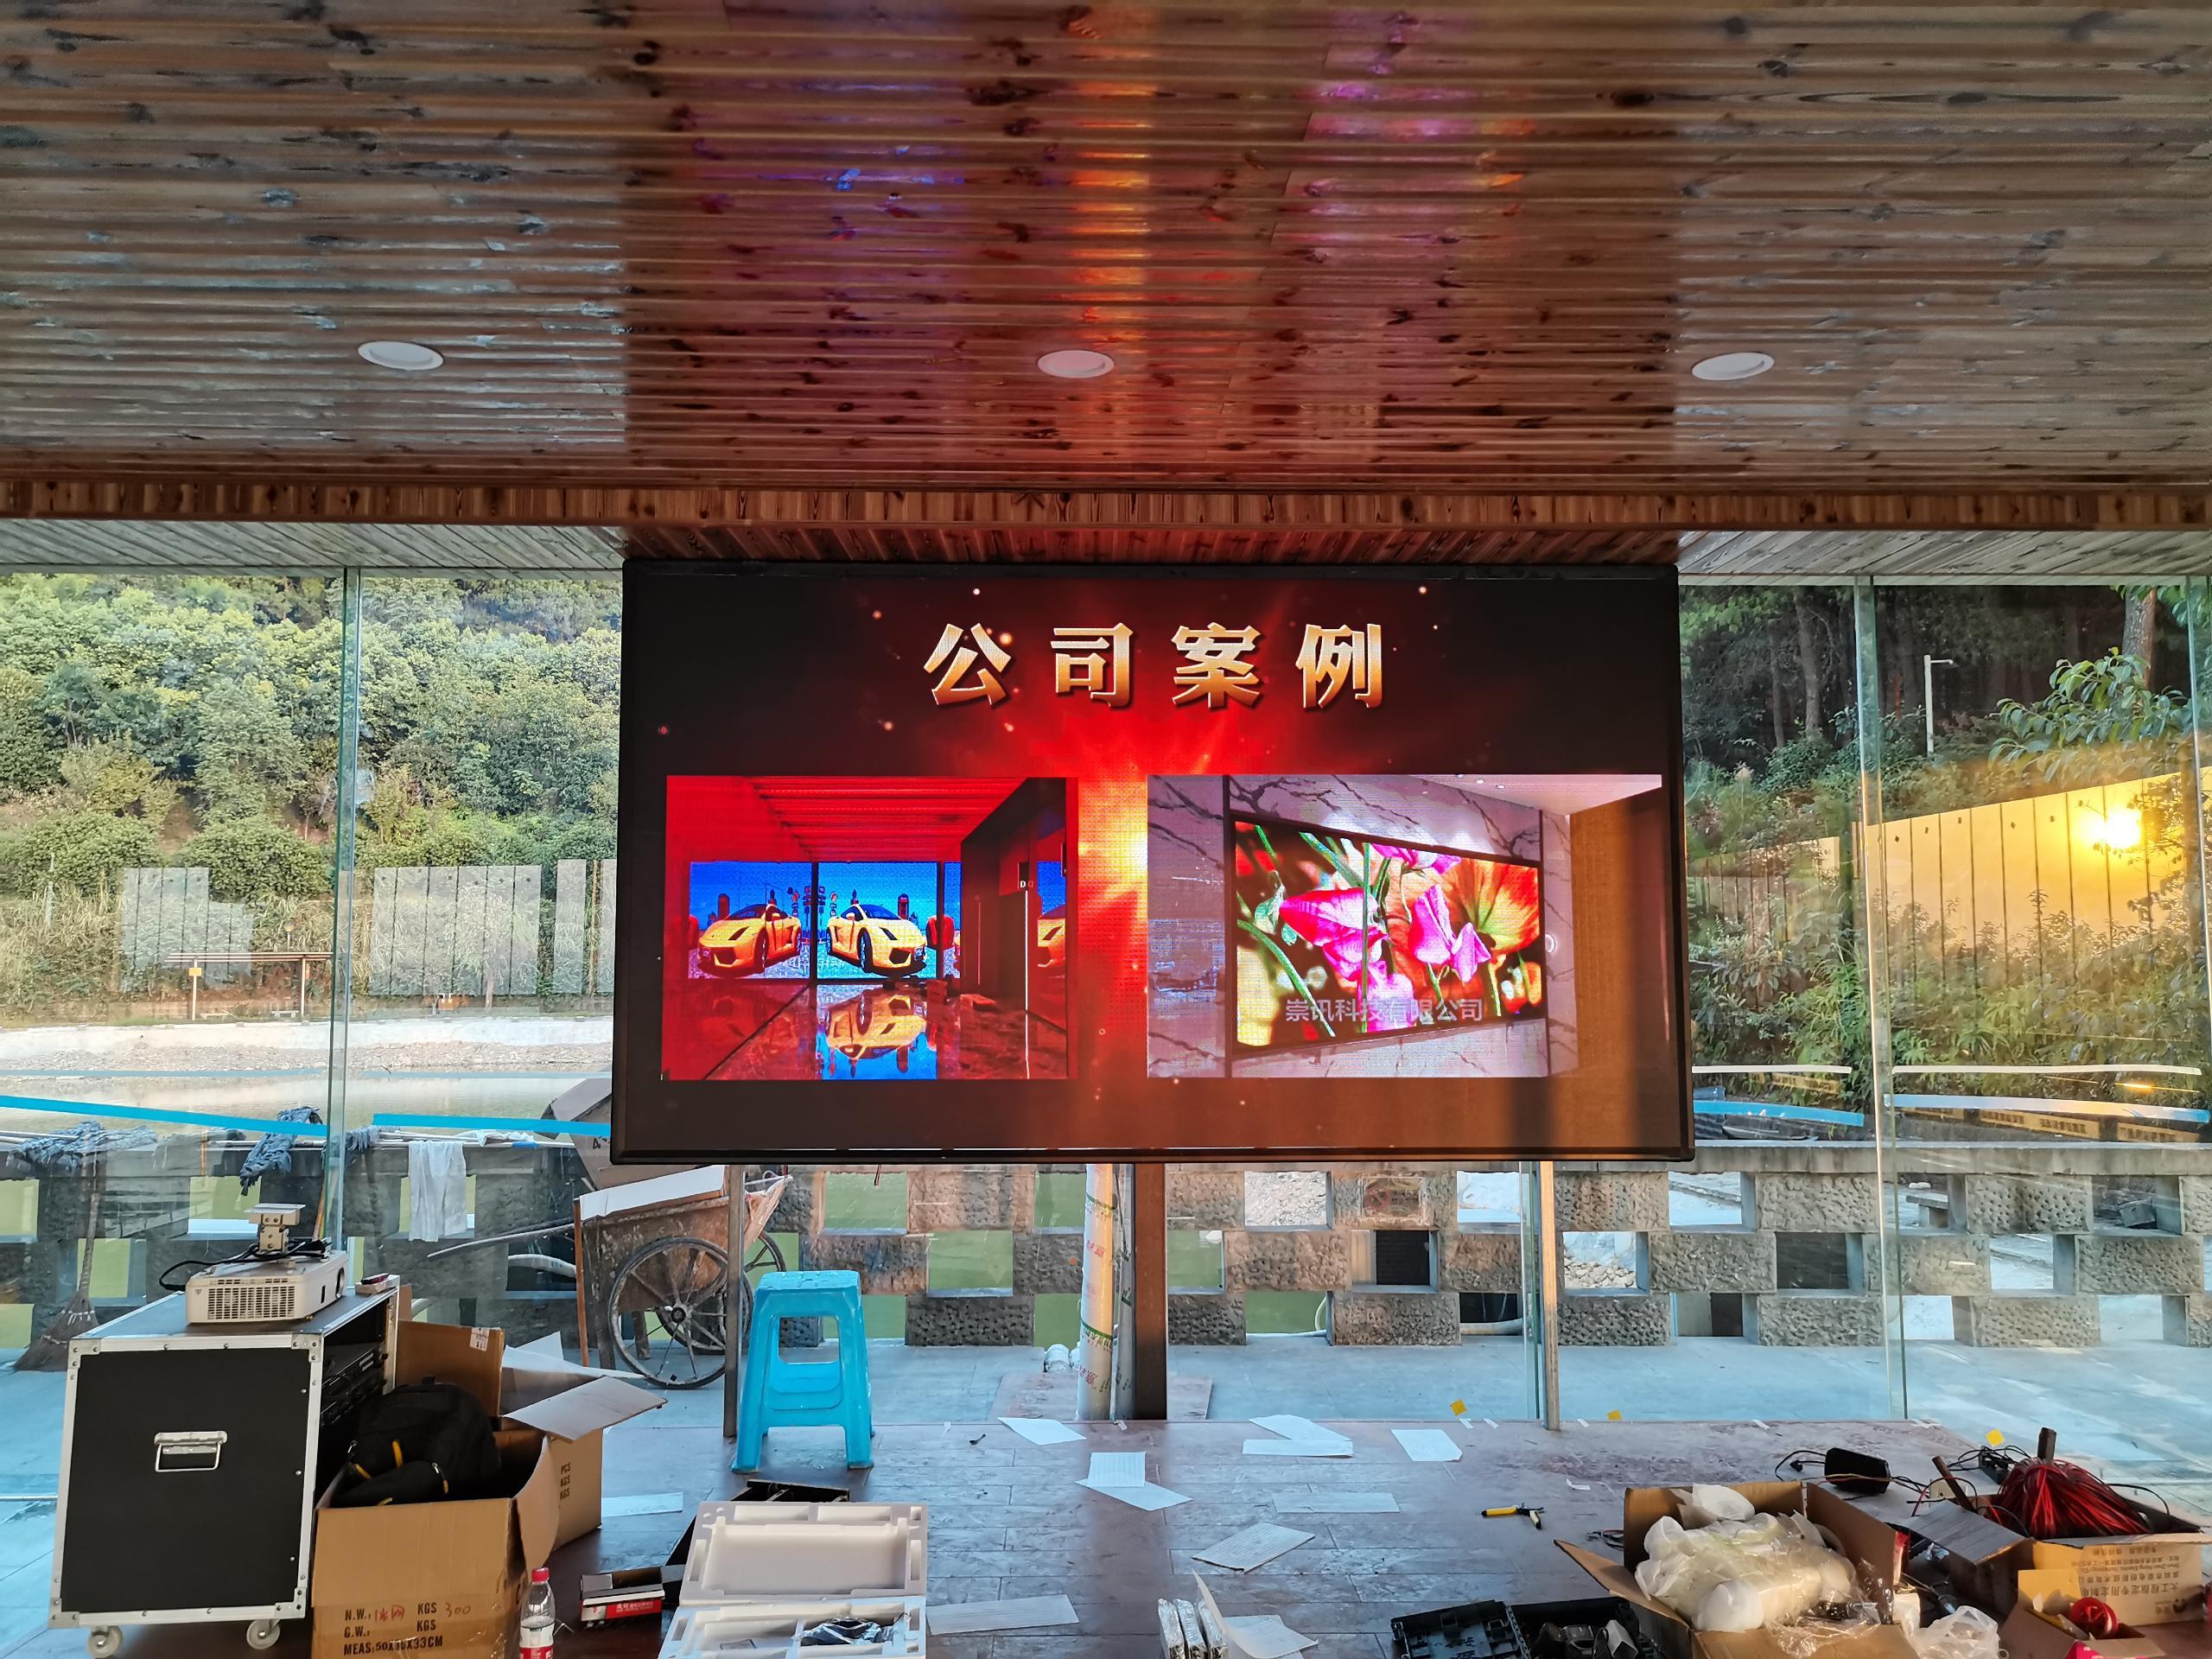 室内P2.5全彩显示屏